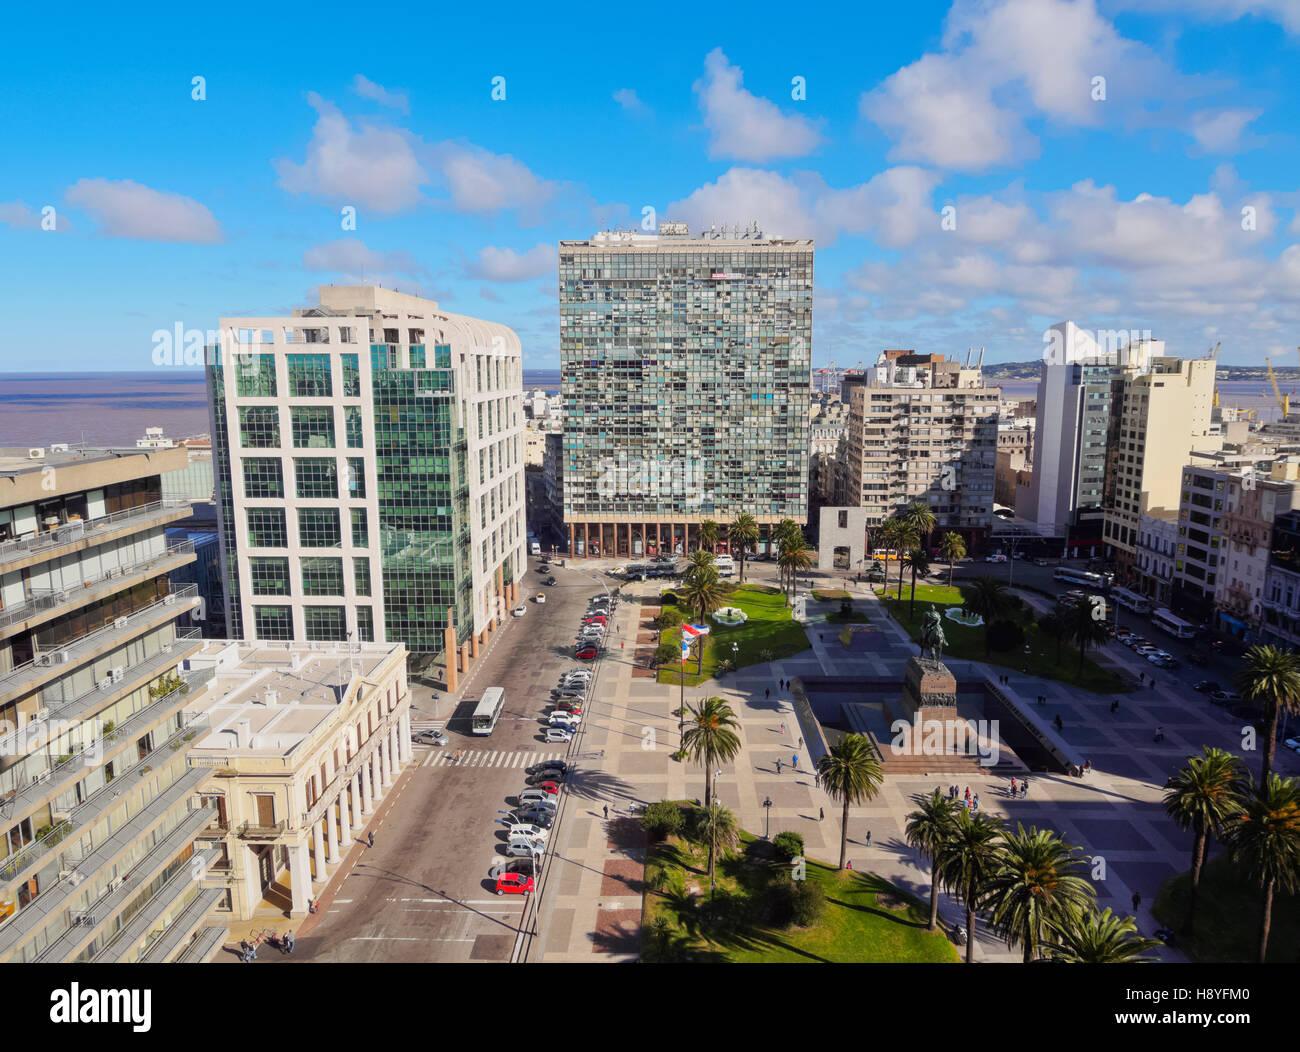 L'Uruguay, Montevideo, augmentation de la vue sur la place de l'indépendance. Photo Stock